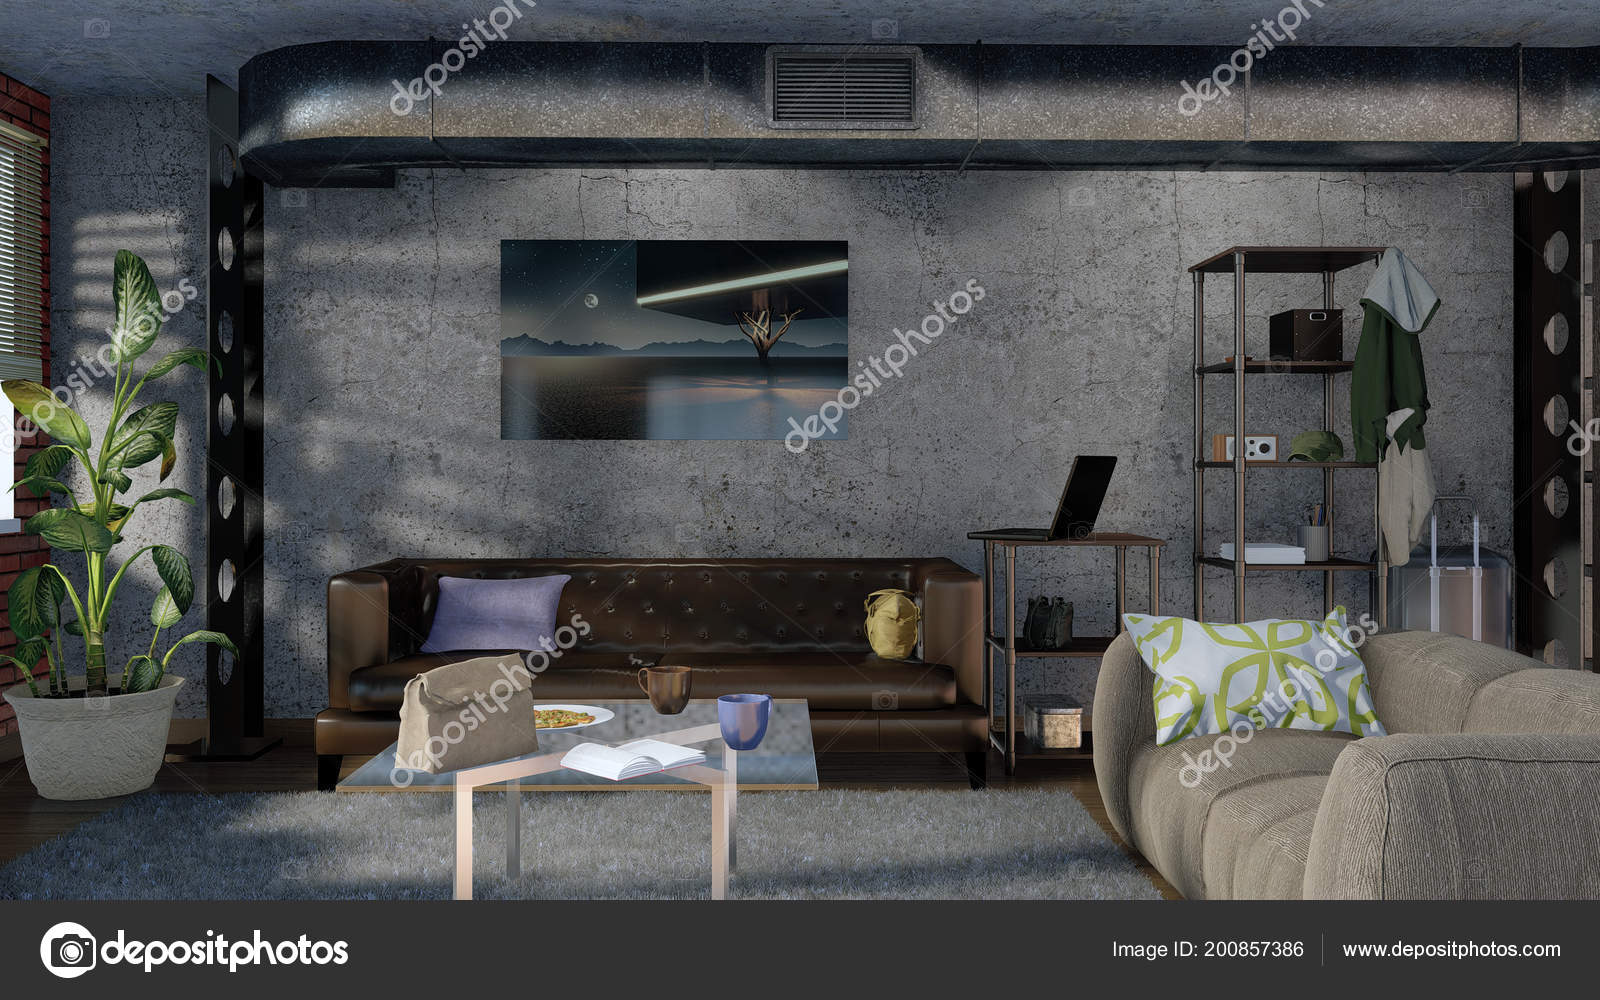 Moderne minimalistische loft stijl woonkamer interieur met sofa